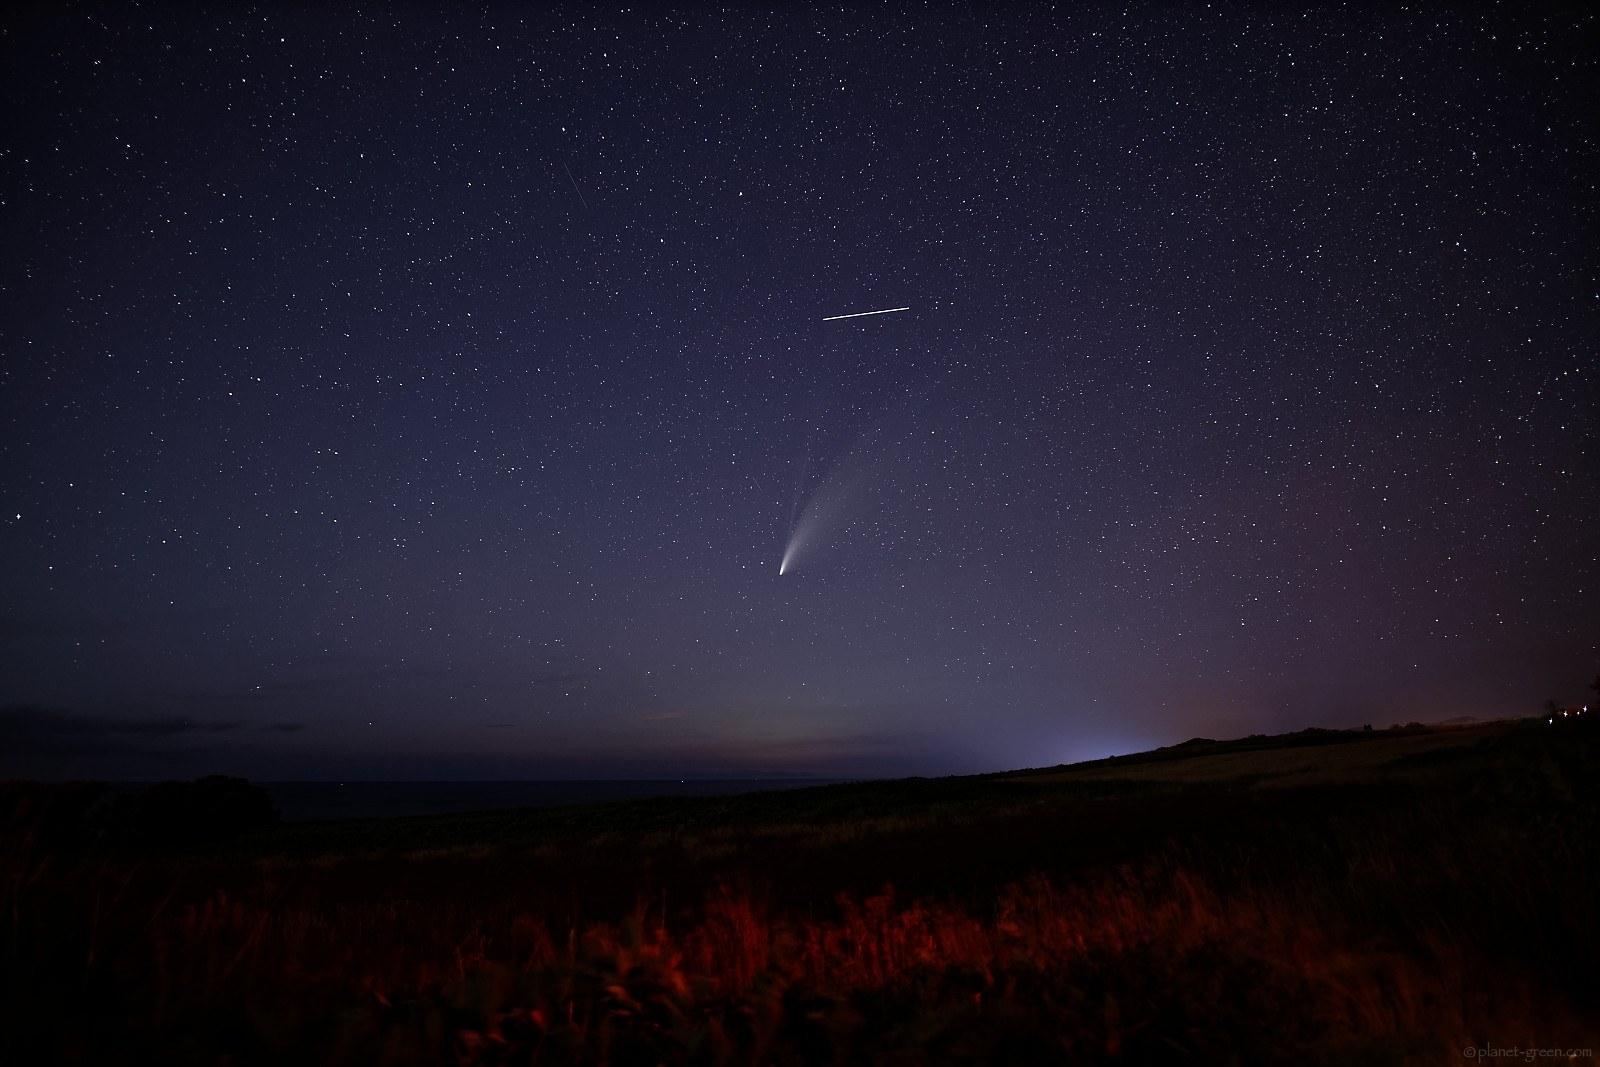 ネオワイズ彗星 Comet Neowise C/2020 F3